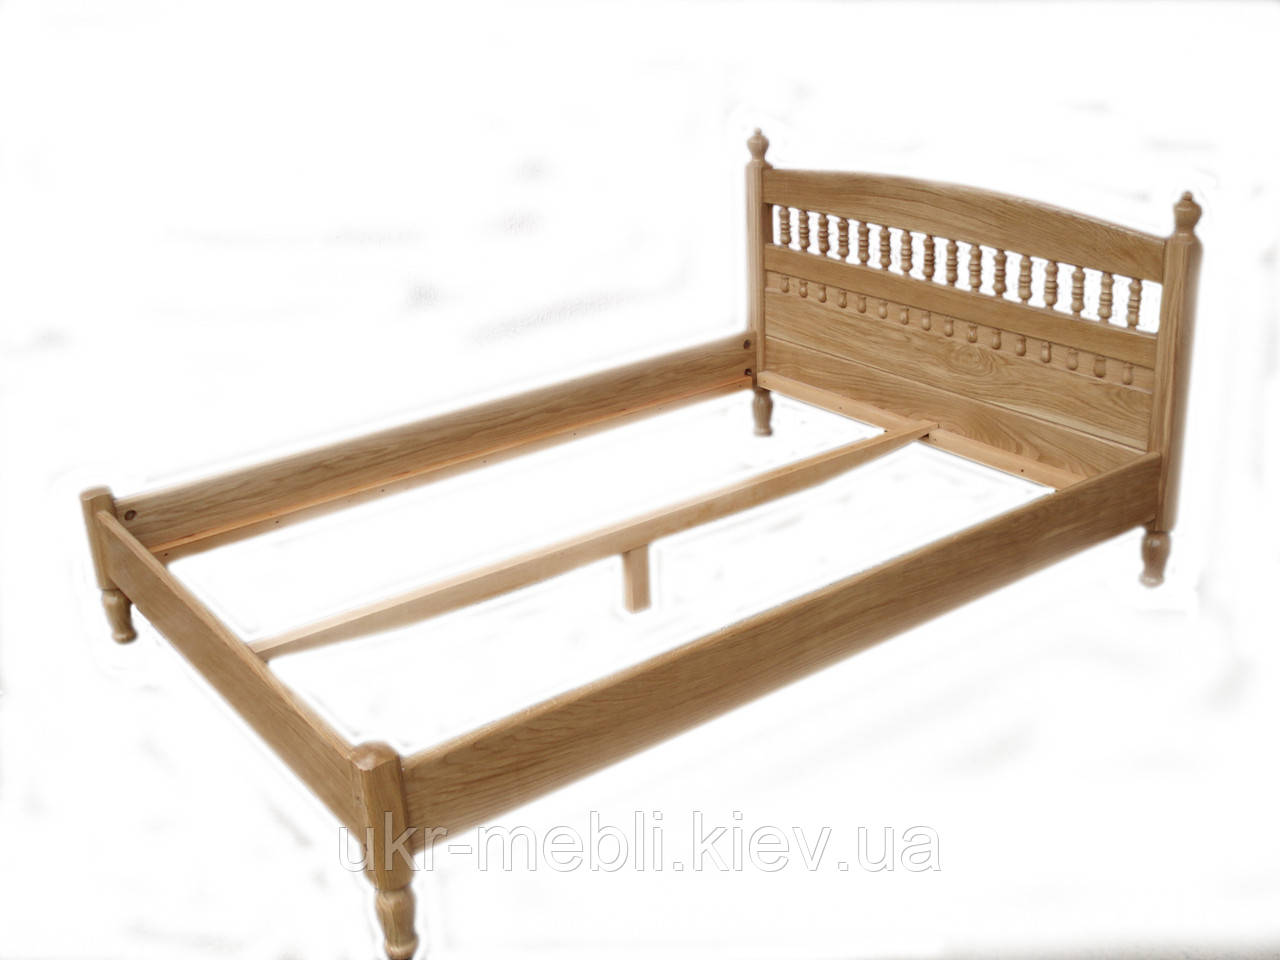 Кровать двуспальная деревянная Комфорт 180*200, Орион